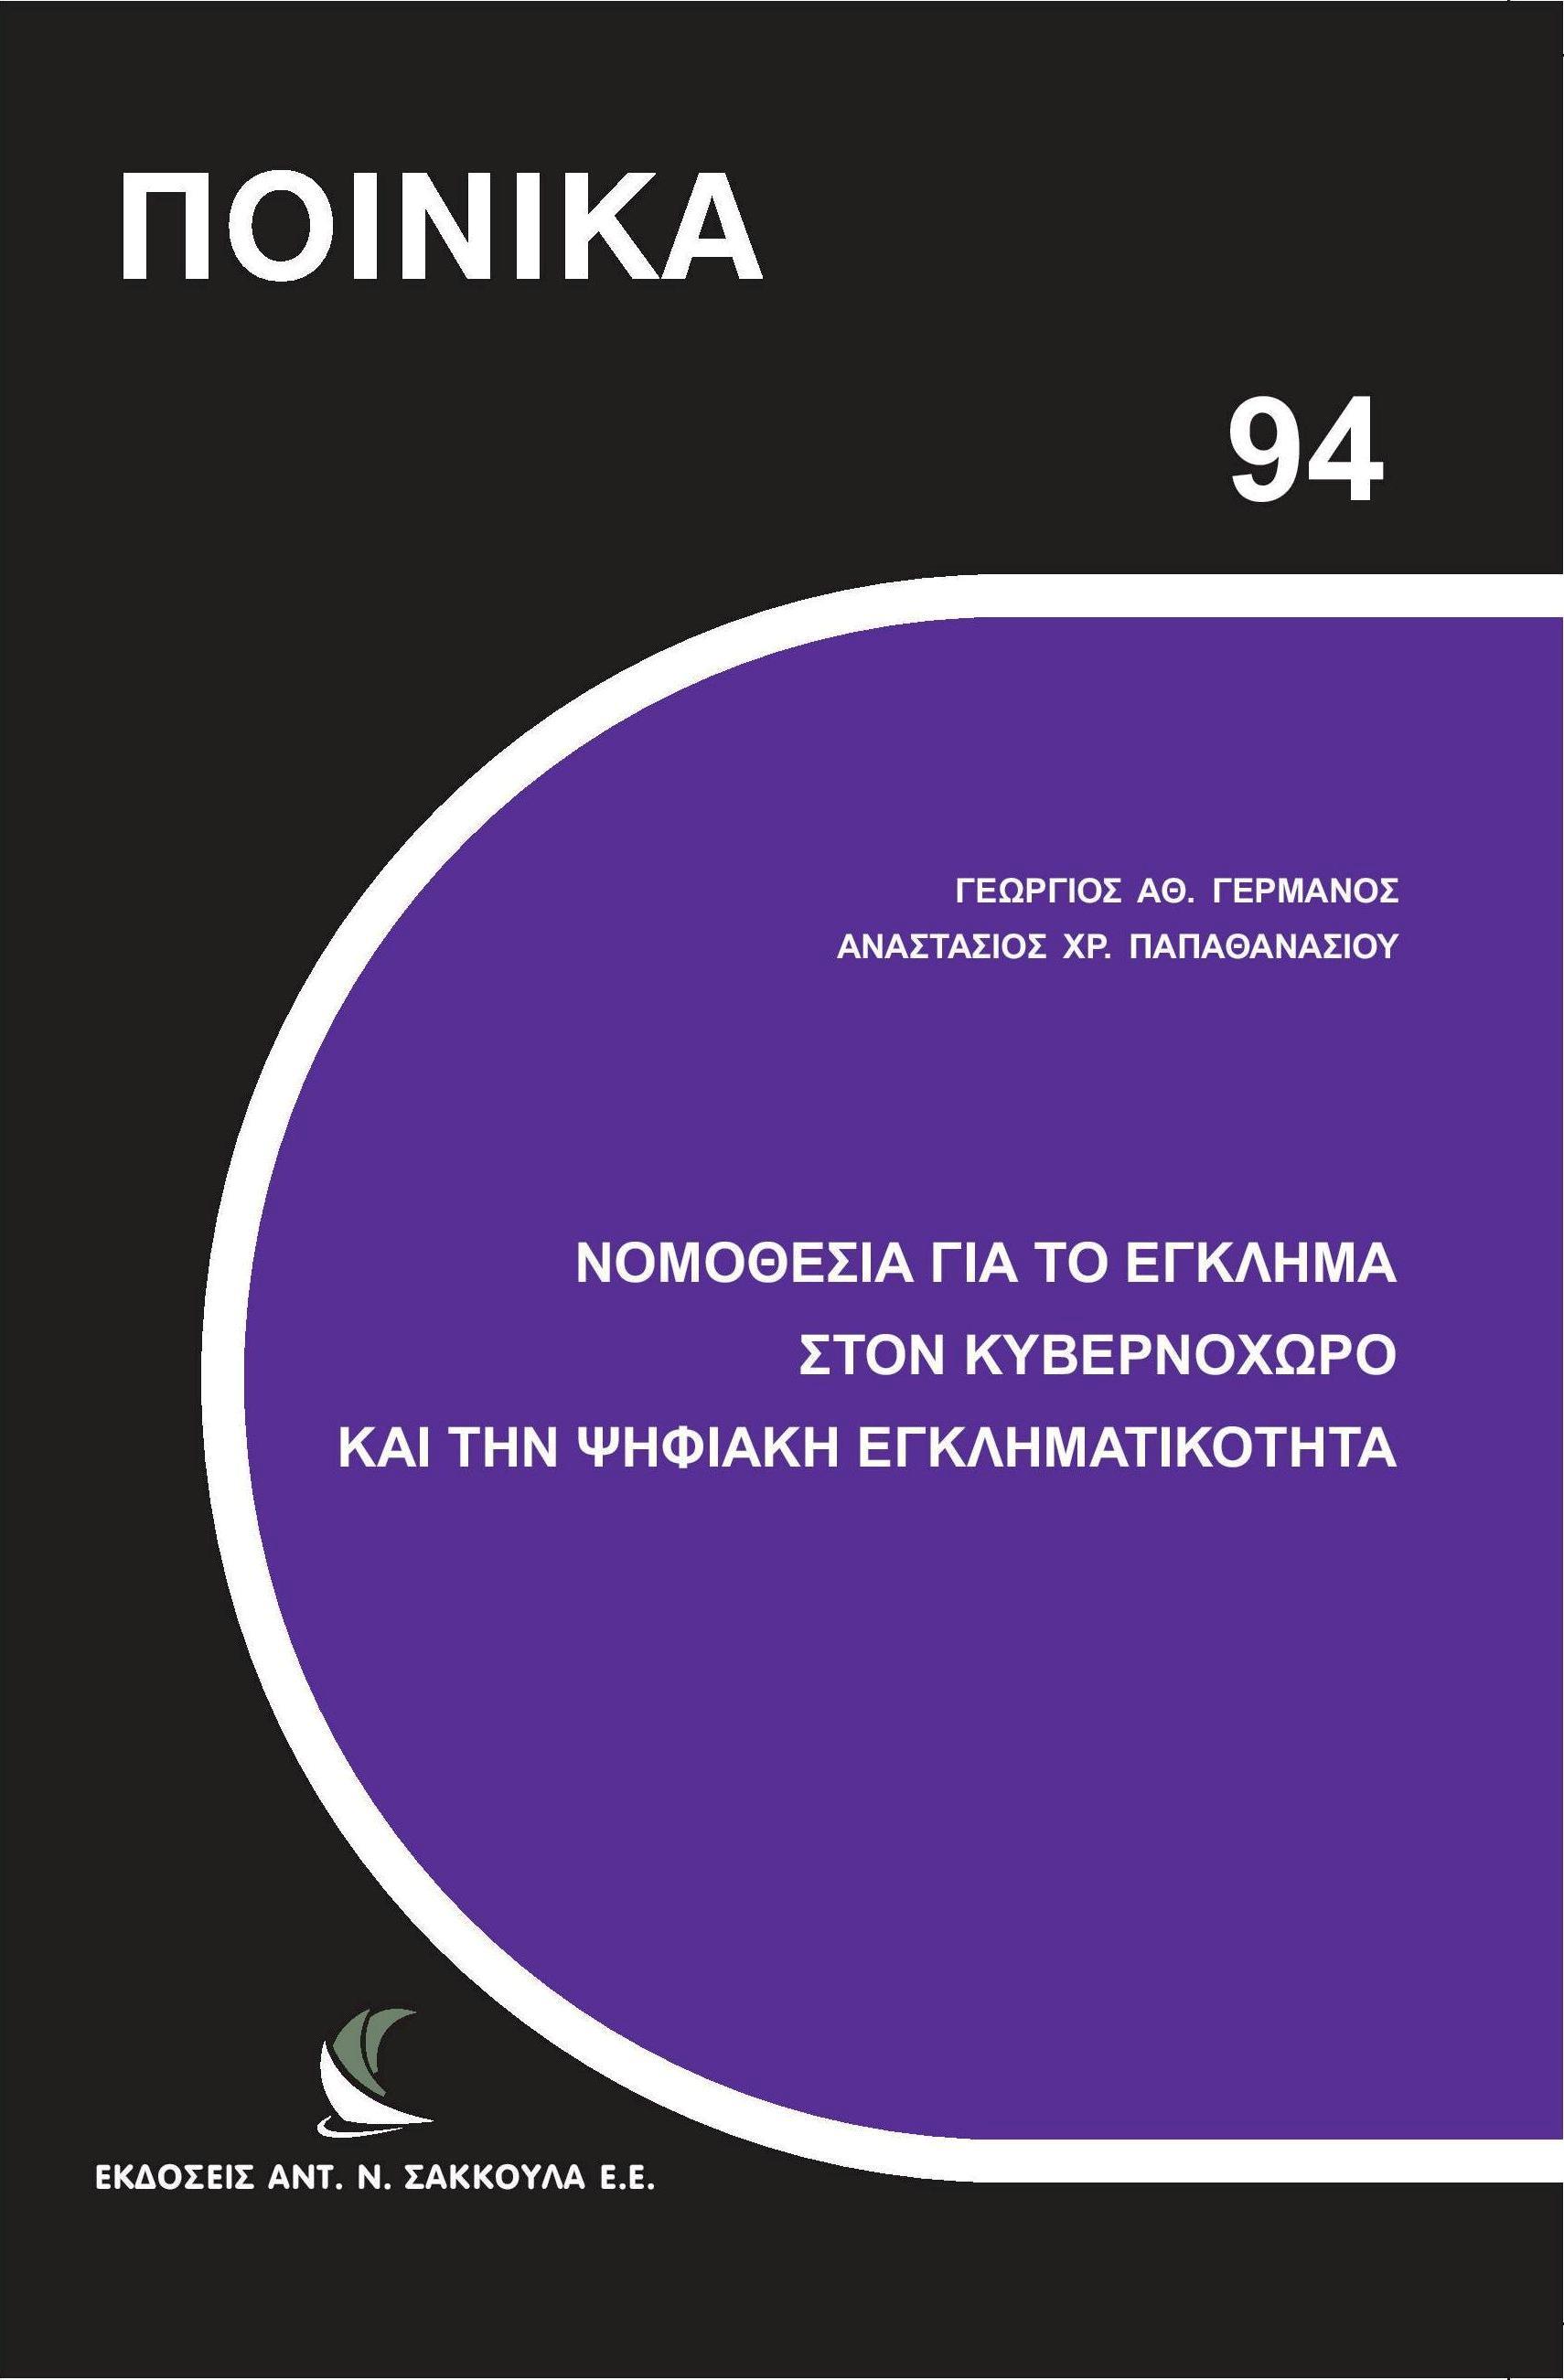 Επιστημονικό σύγγραμμα για το Κυβερνοέγκλημα από Αξιωματικούς της Ελληνικής Αστυνομίας